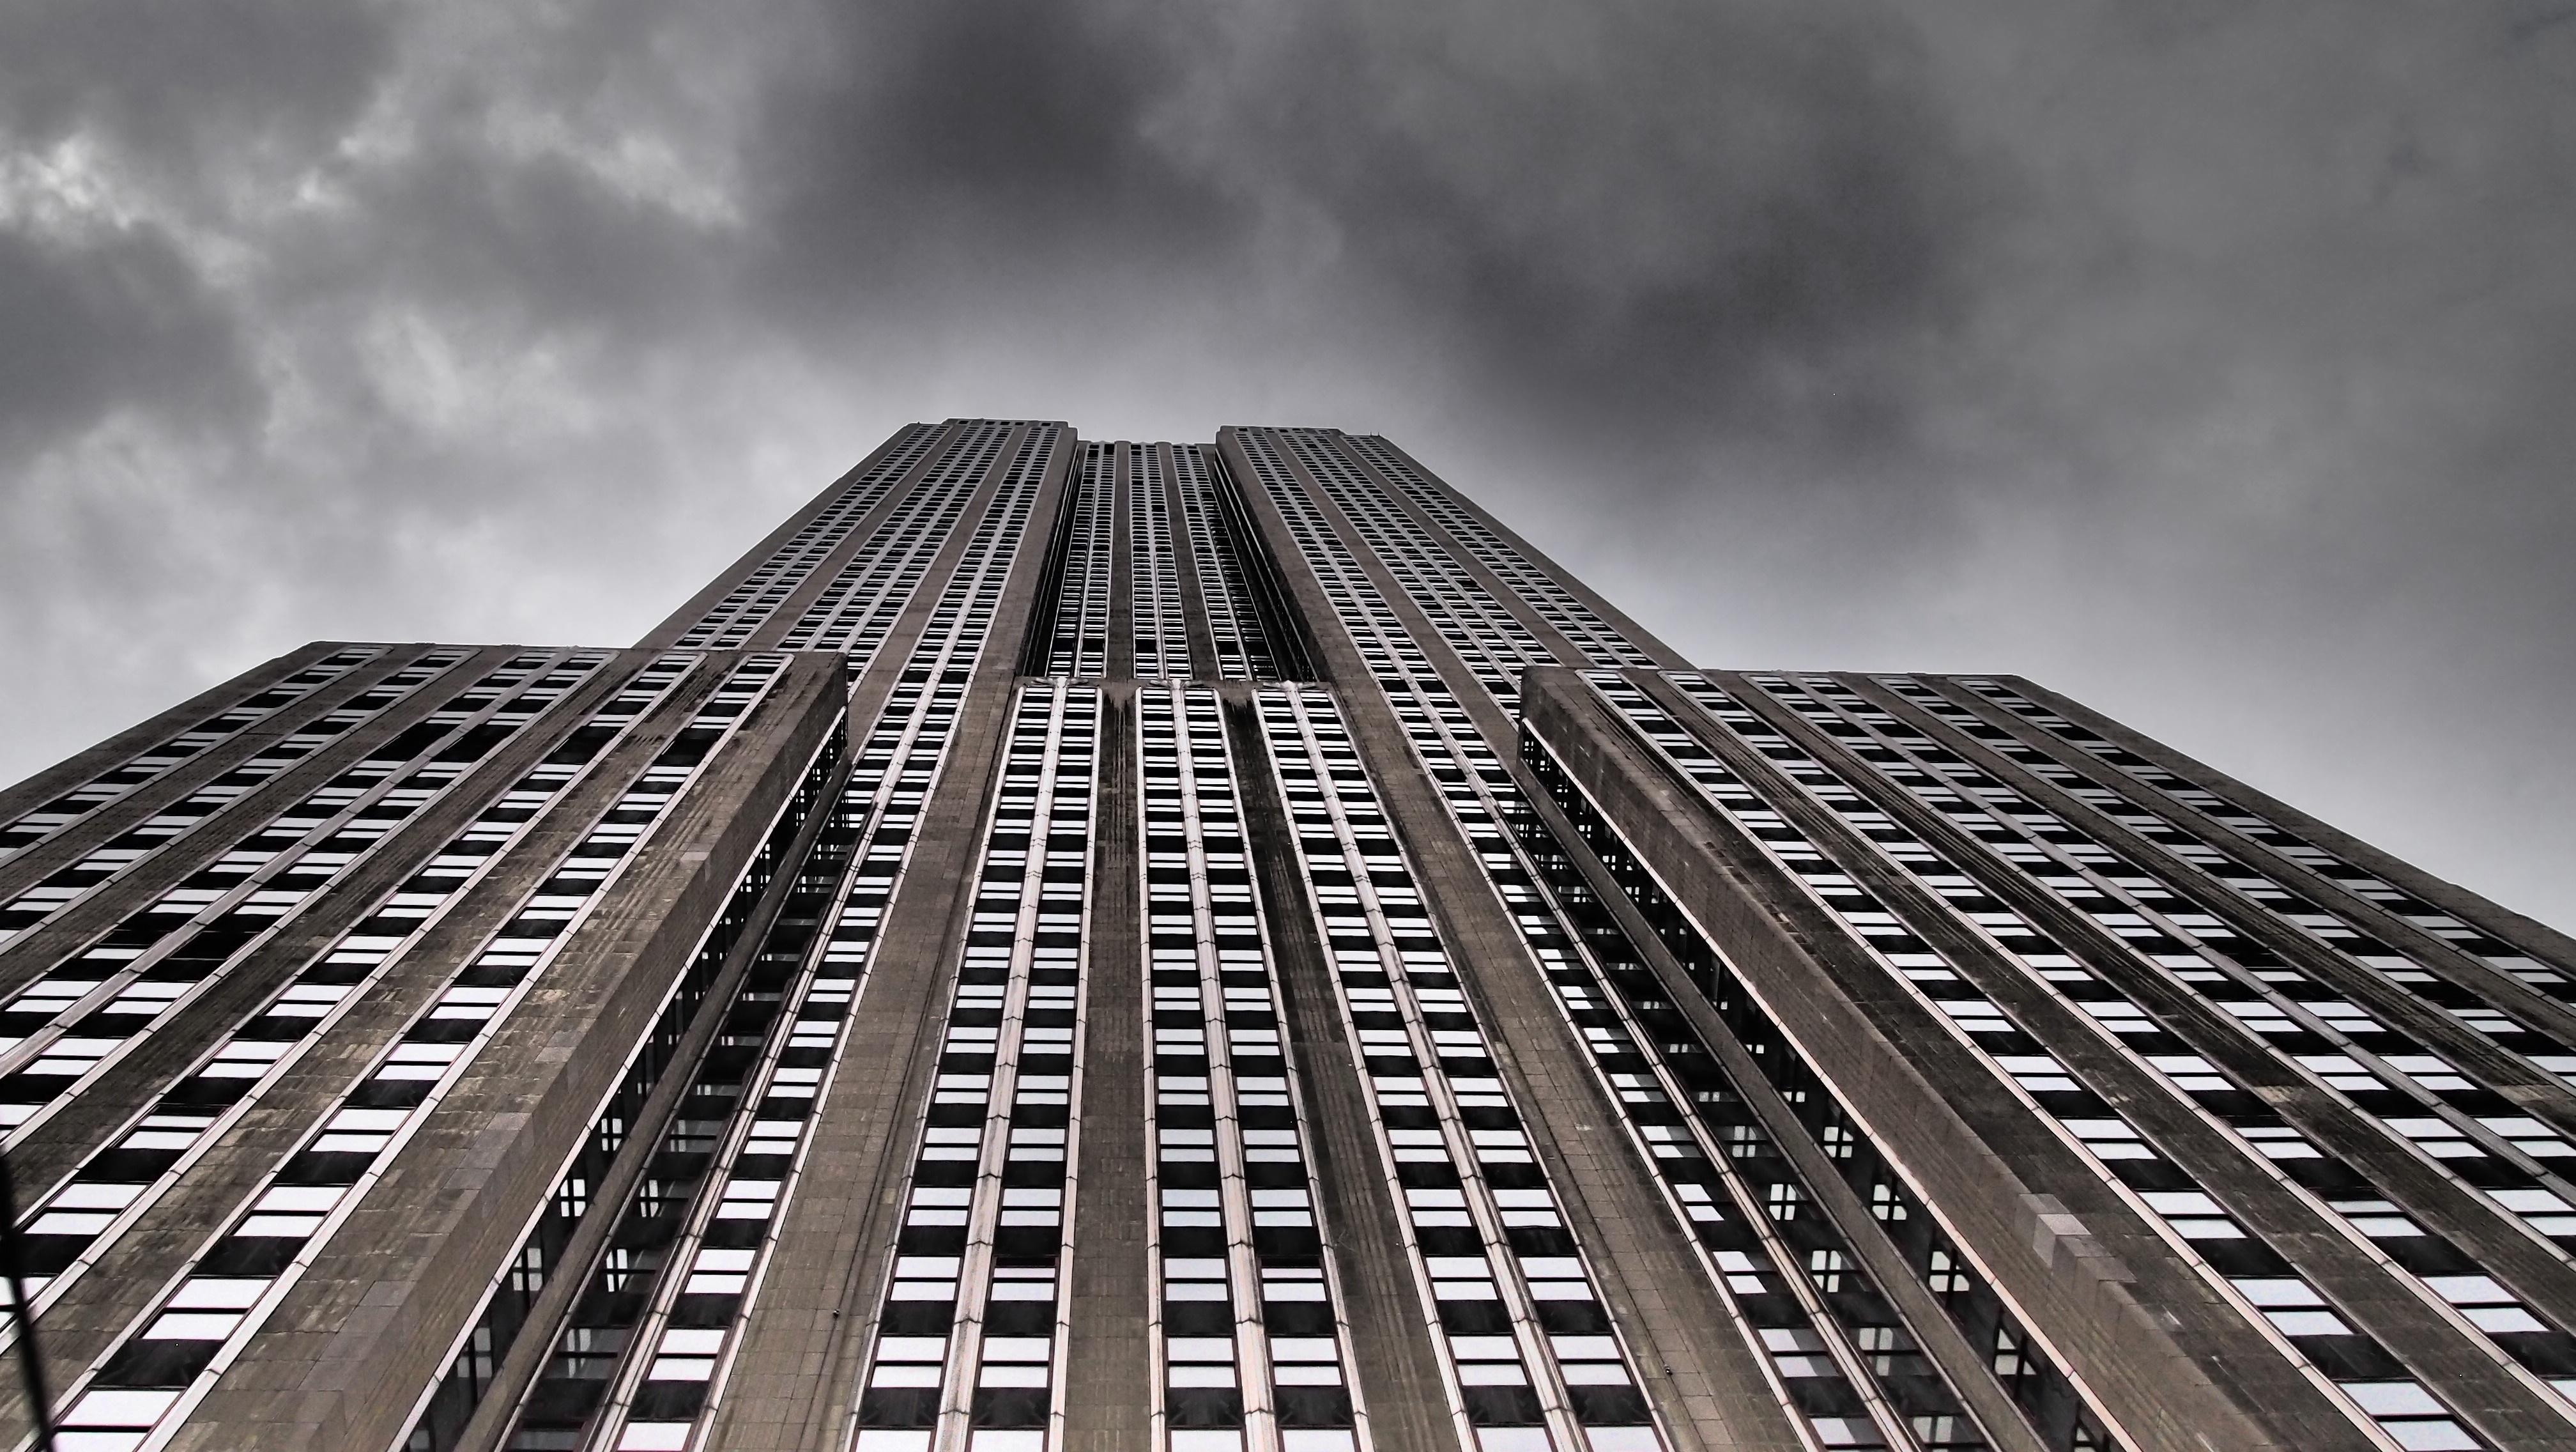 Wallpaper city cityscape architecture symmetry skyscraper New